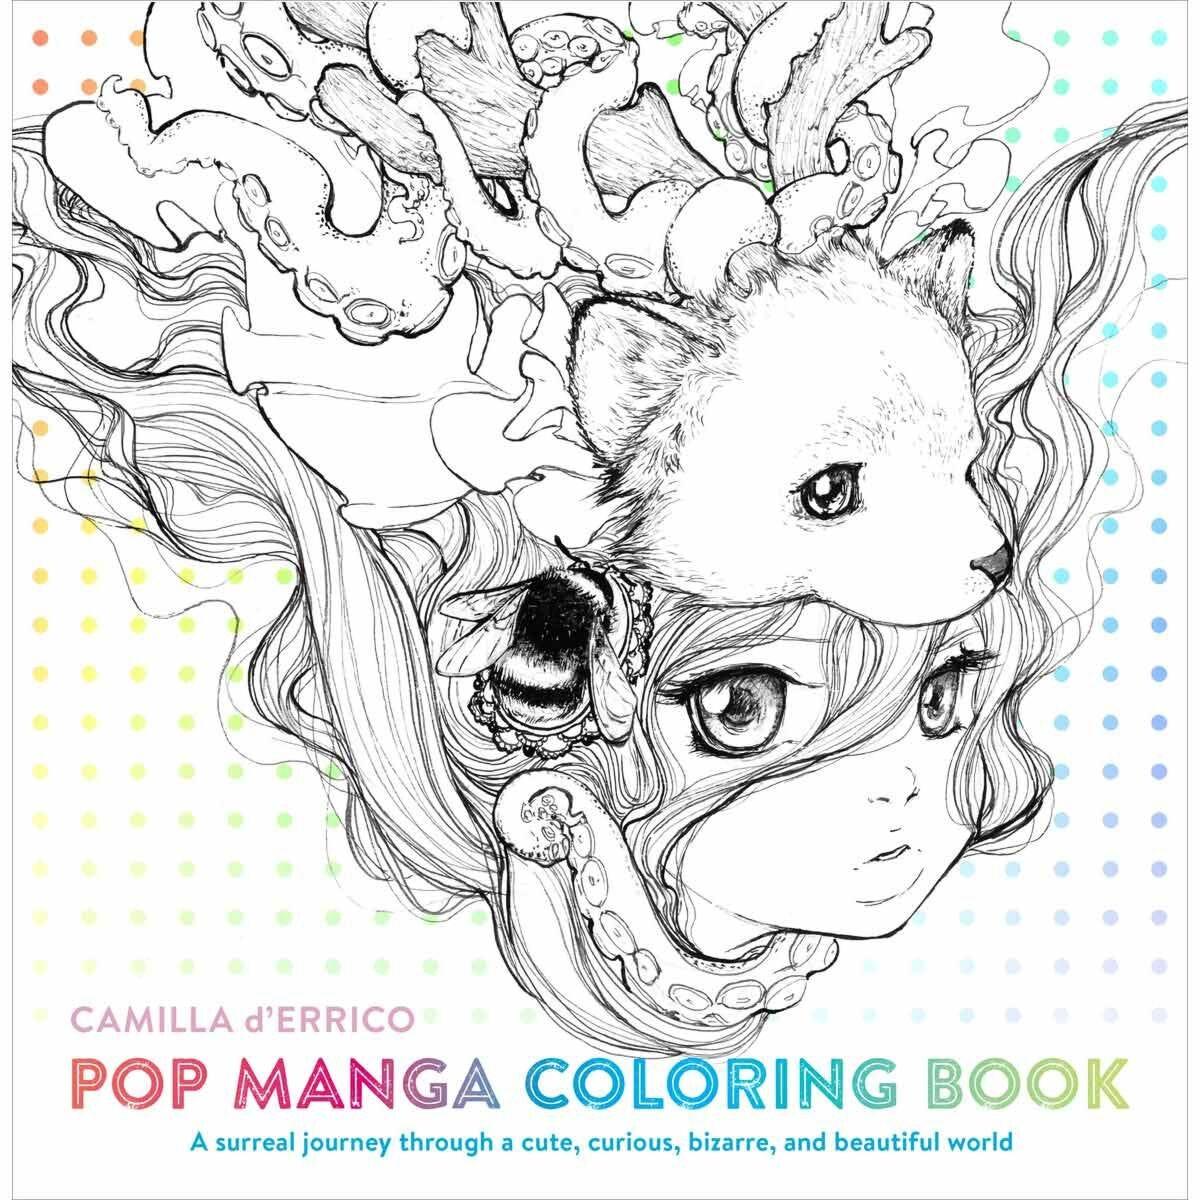 Camilla d Errico Pop Manga Colouring Book